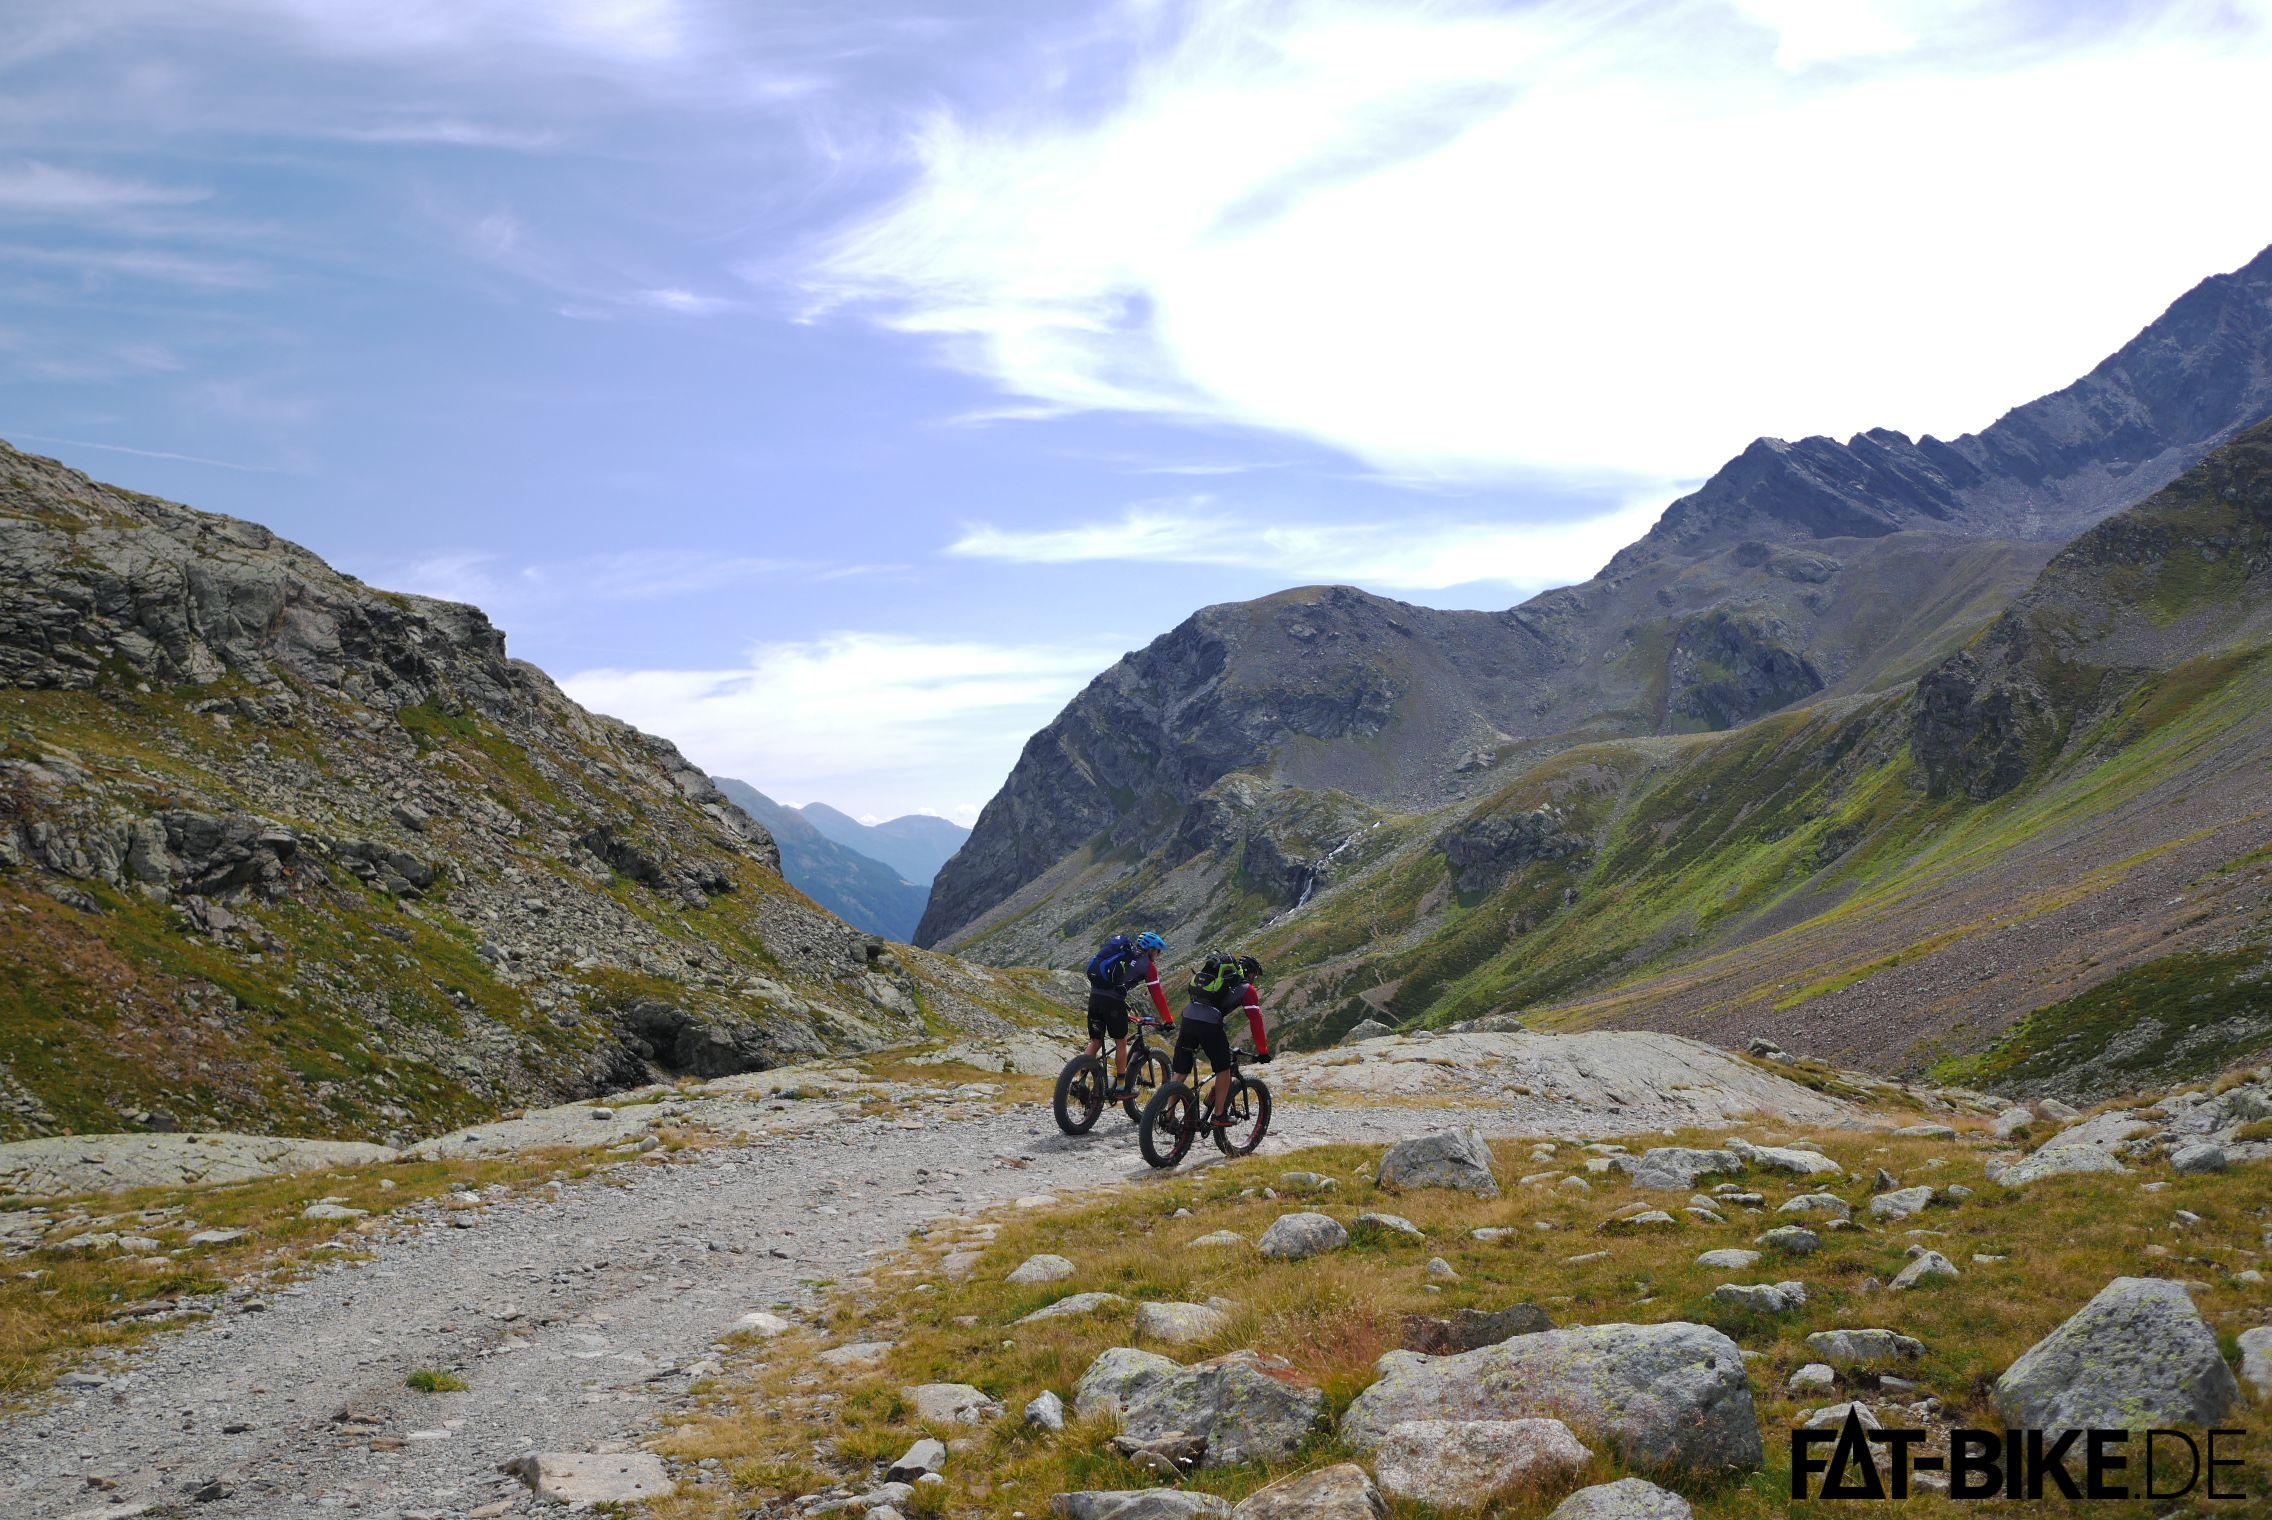 Downhill ab Heidelberger Hütte. Laufen lassen, Hauptsache kein Gegenverkehr!